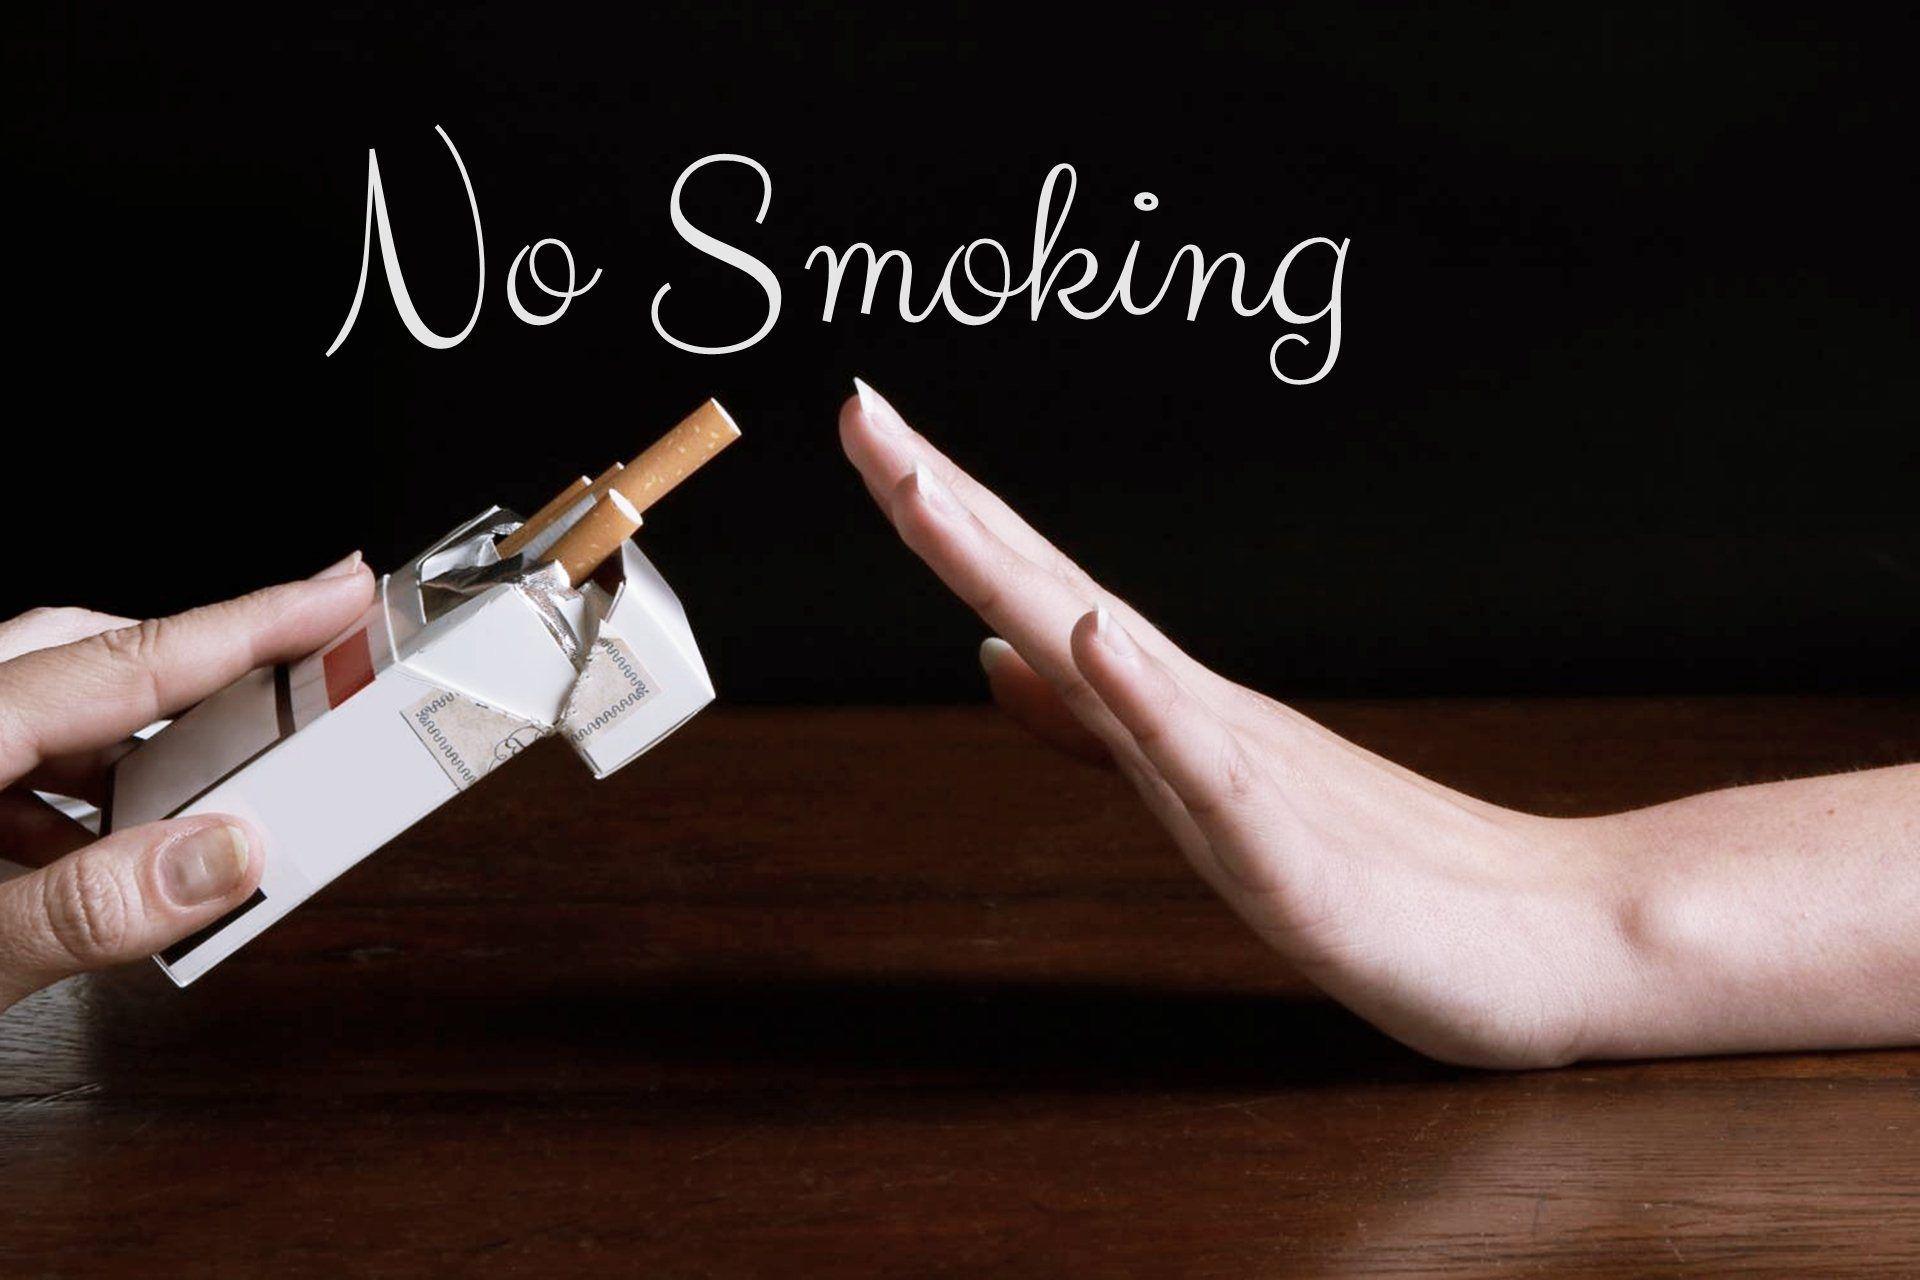 Способствует ли курение похудению или мешает сбросить